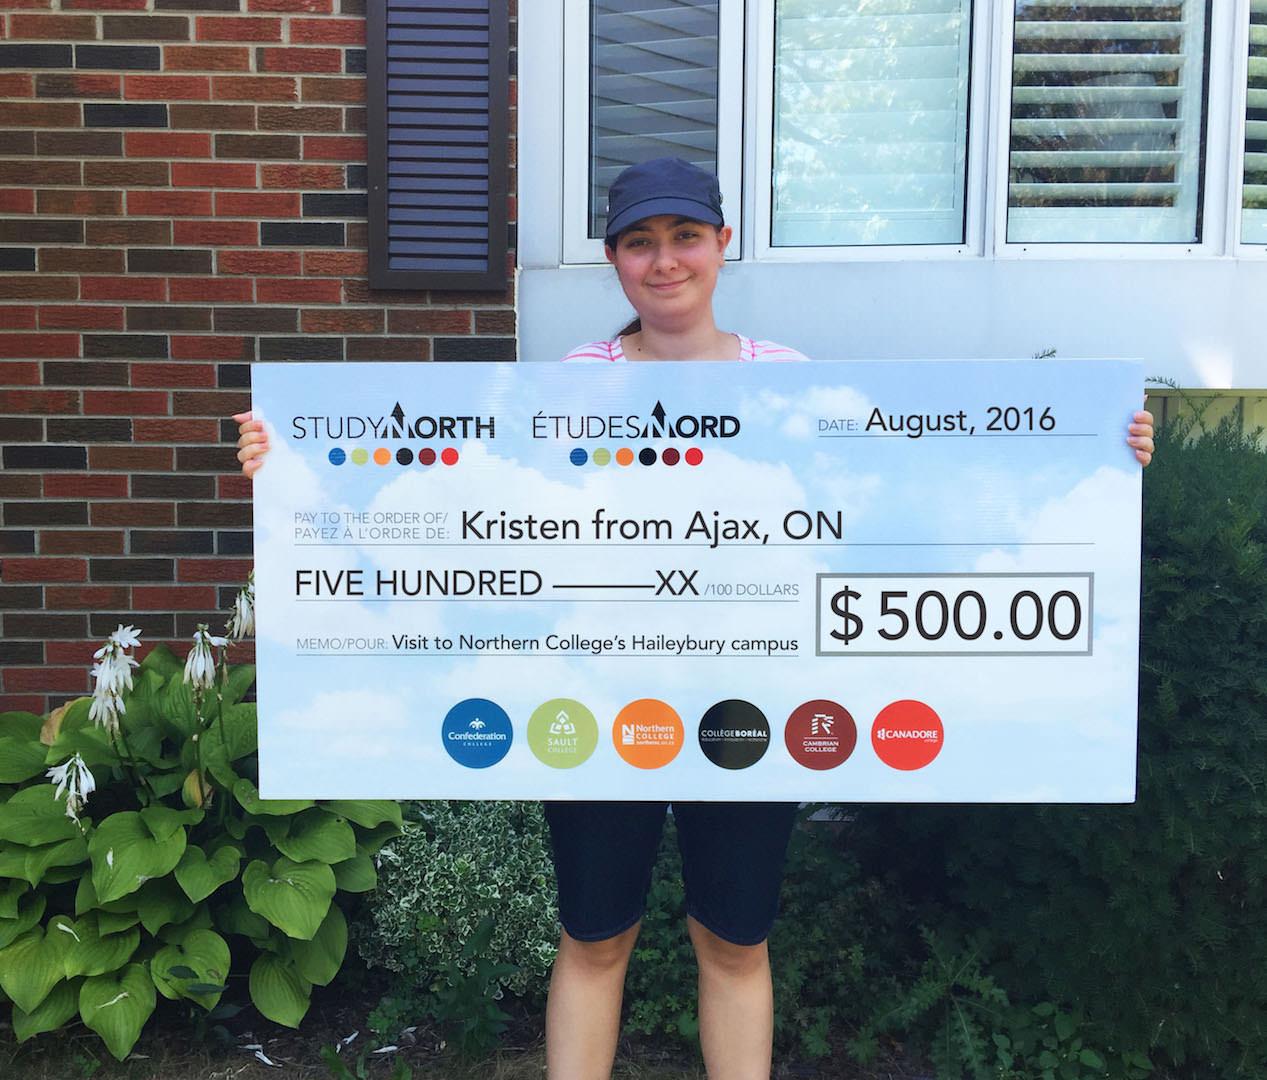 KristenNorthernCollegeAjax_cheque